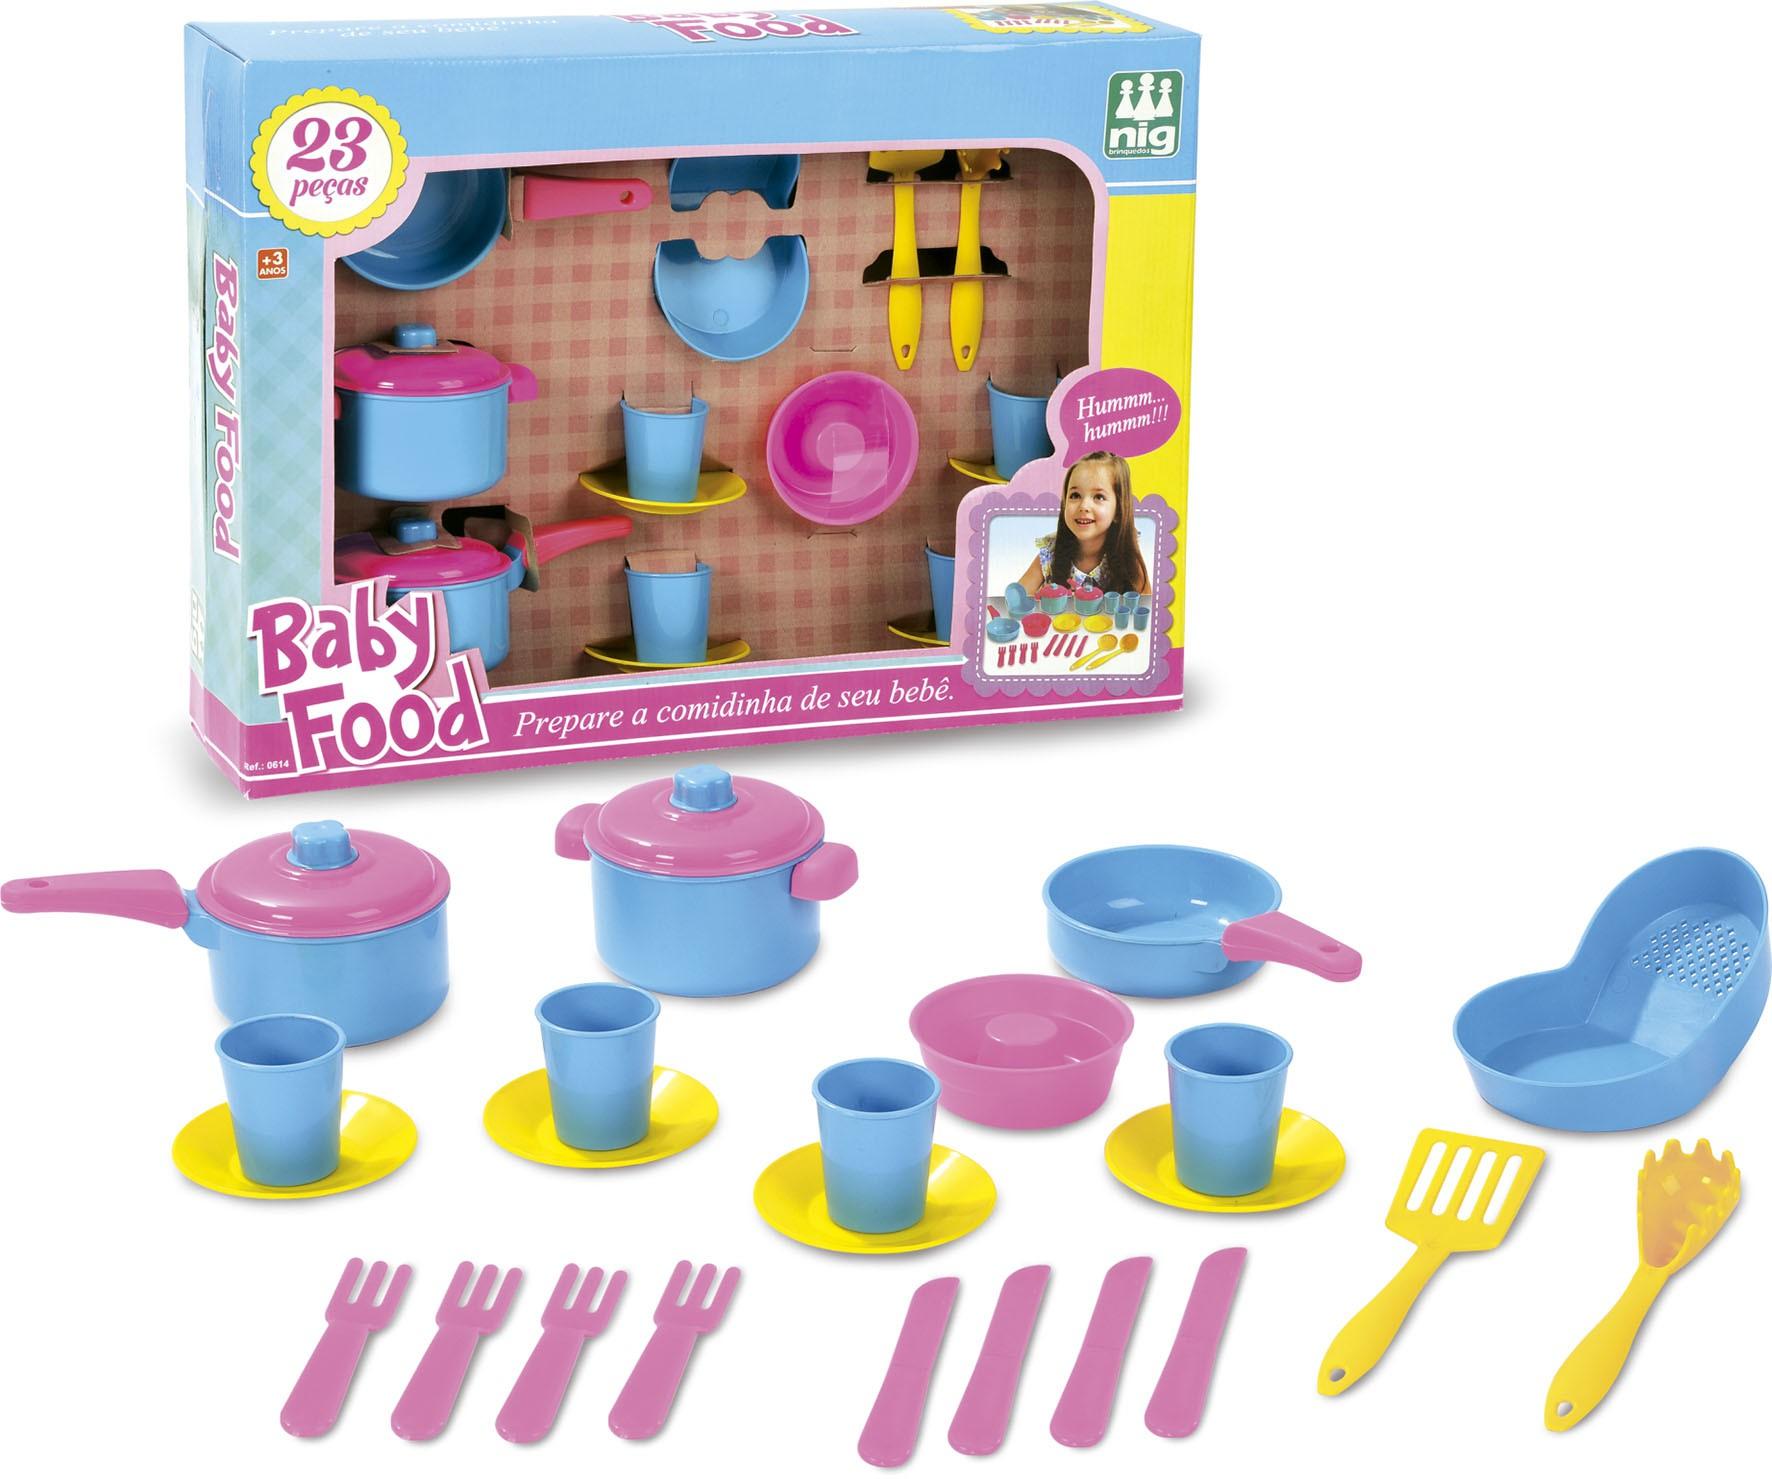 Kit Panelinhas para Brincadeira de Casinha Baby Food